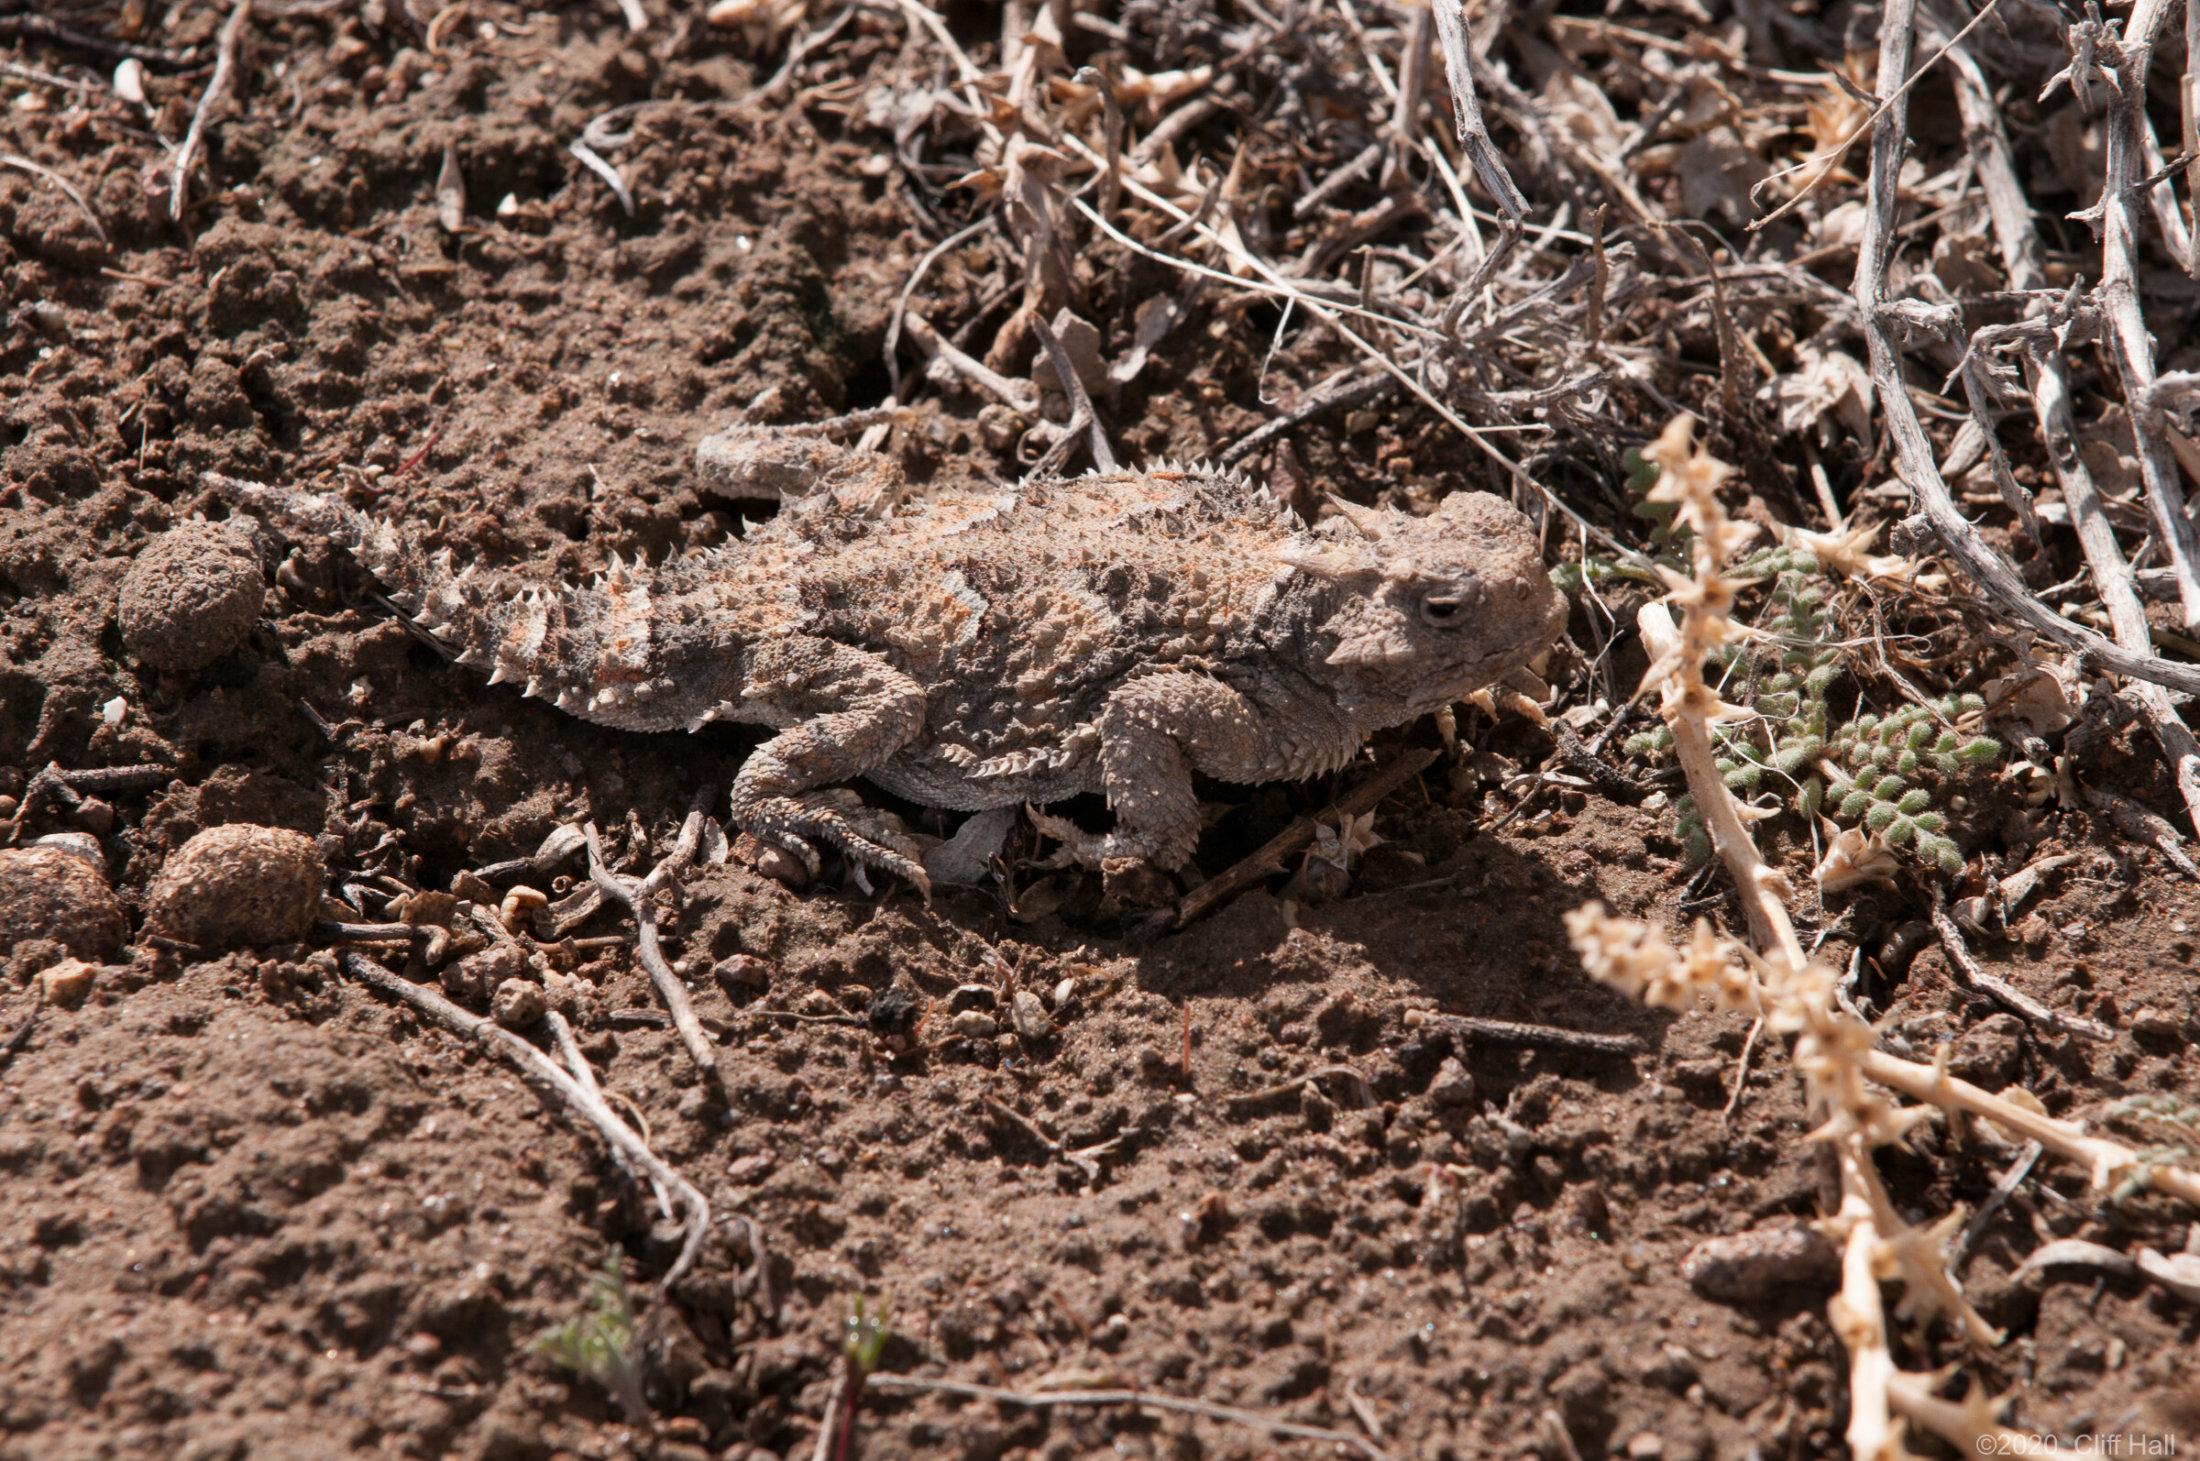 Desert Horned Lizard along US-50 in Nevada